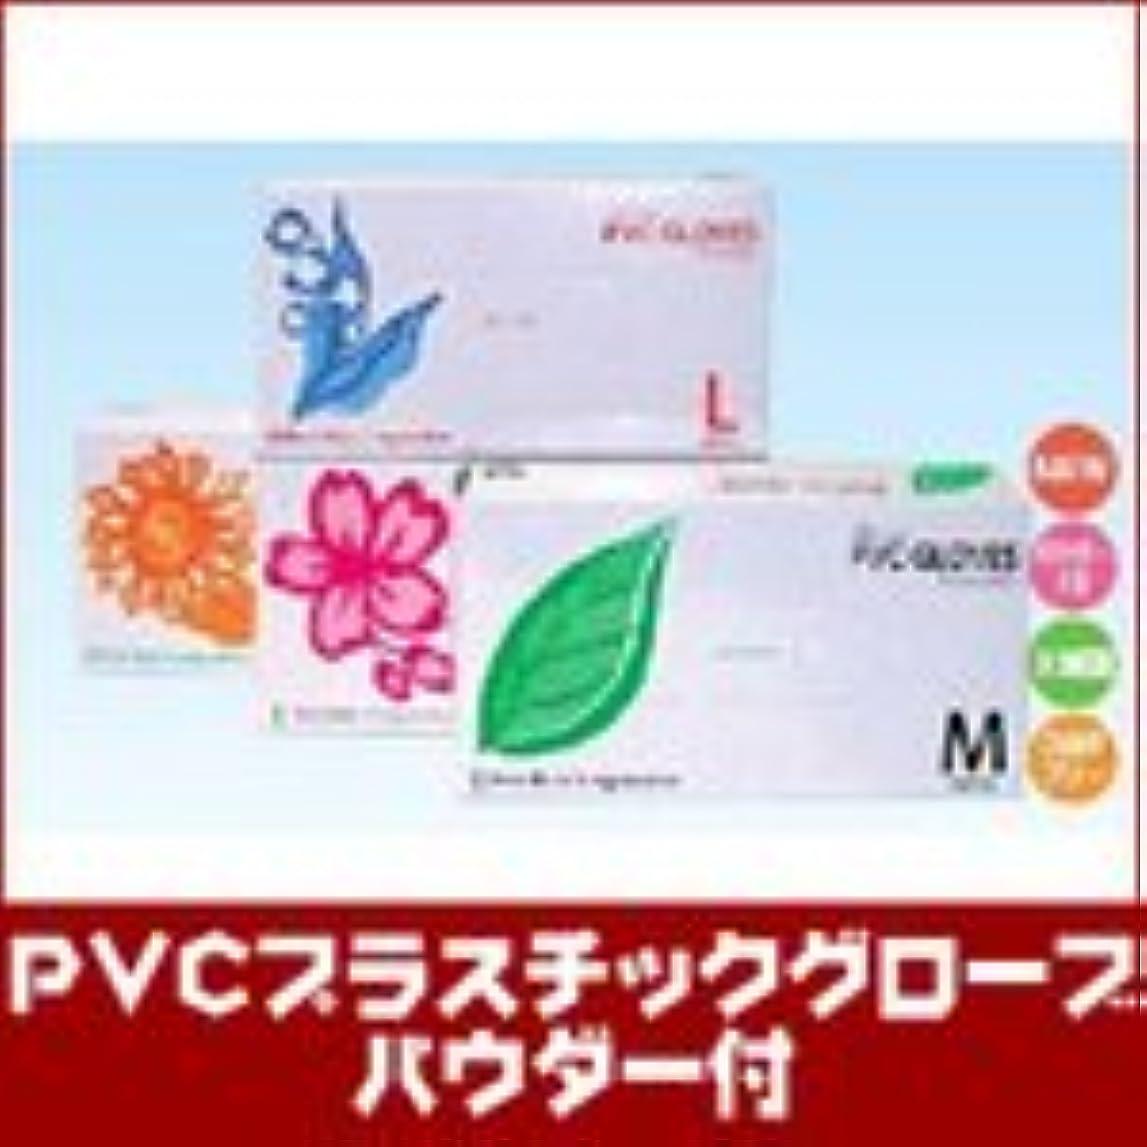 今晩塩戻すプレミア PVCプラスチックグローブ パウダー付 100枚入 10セット M